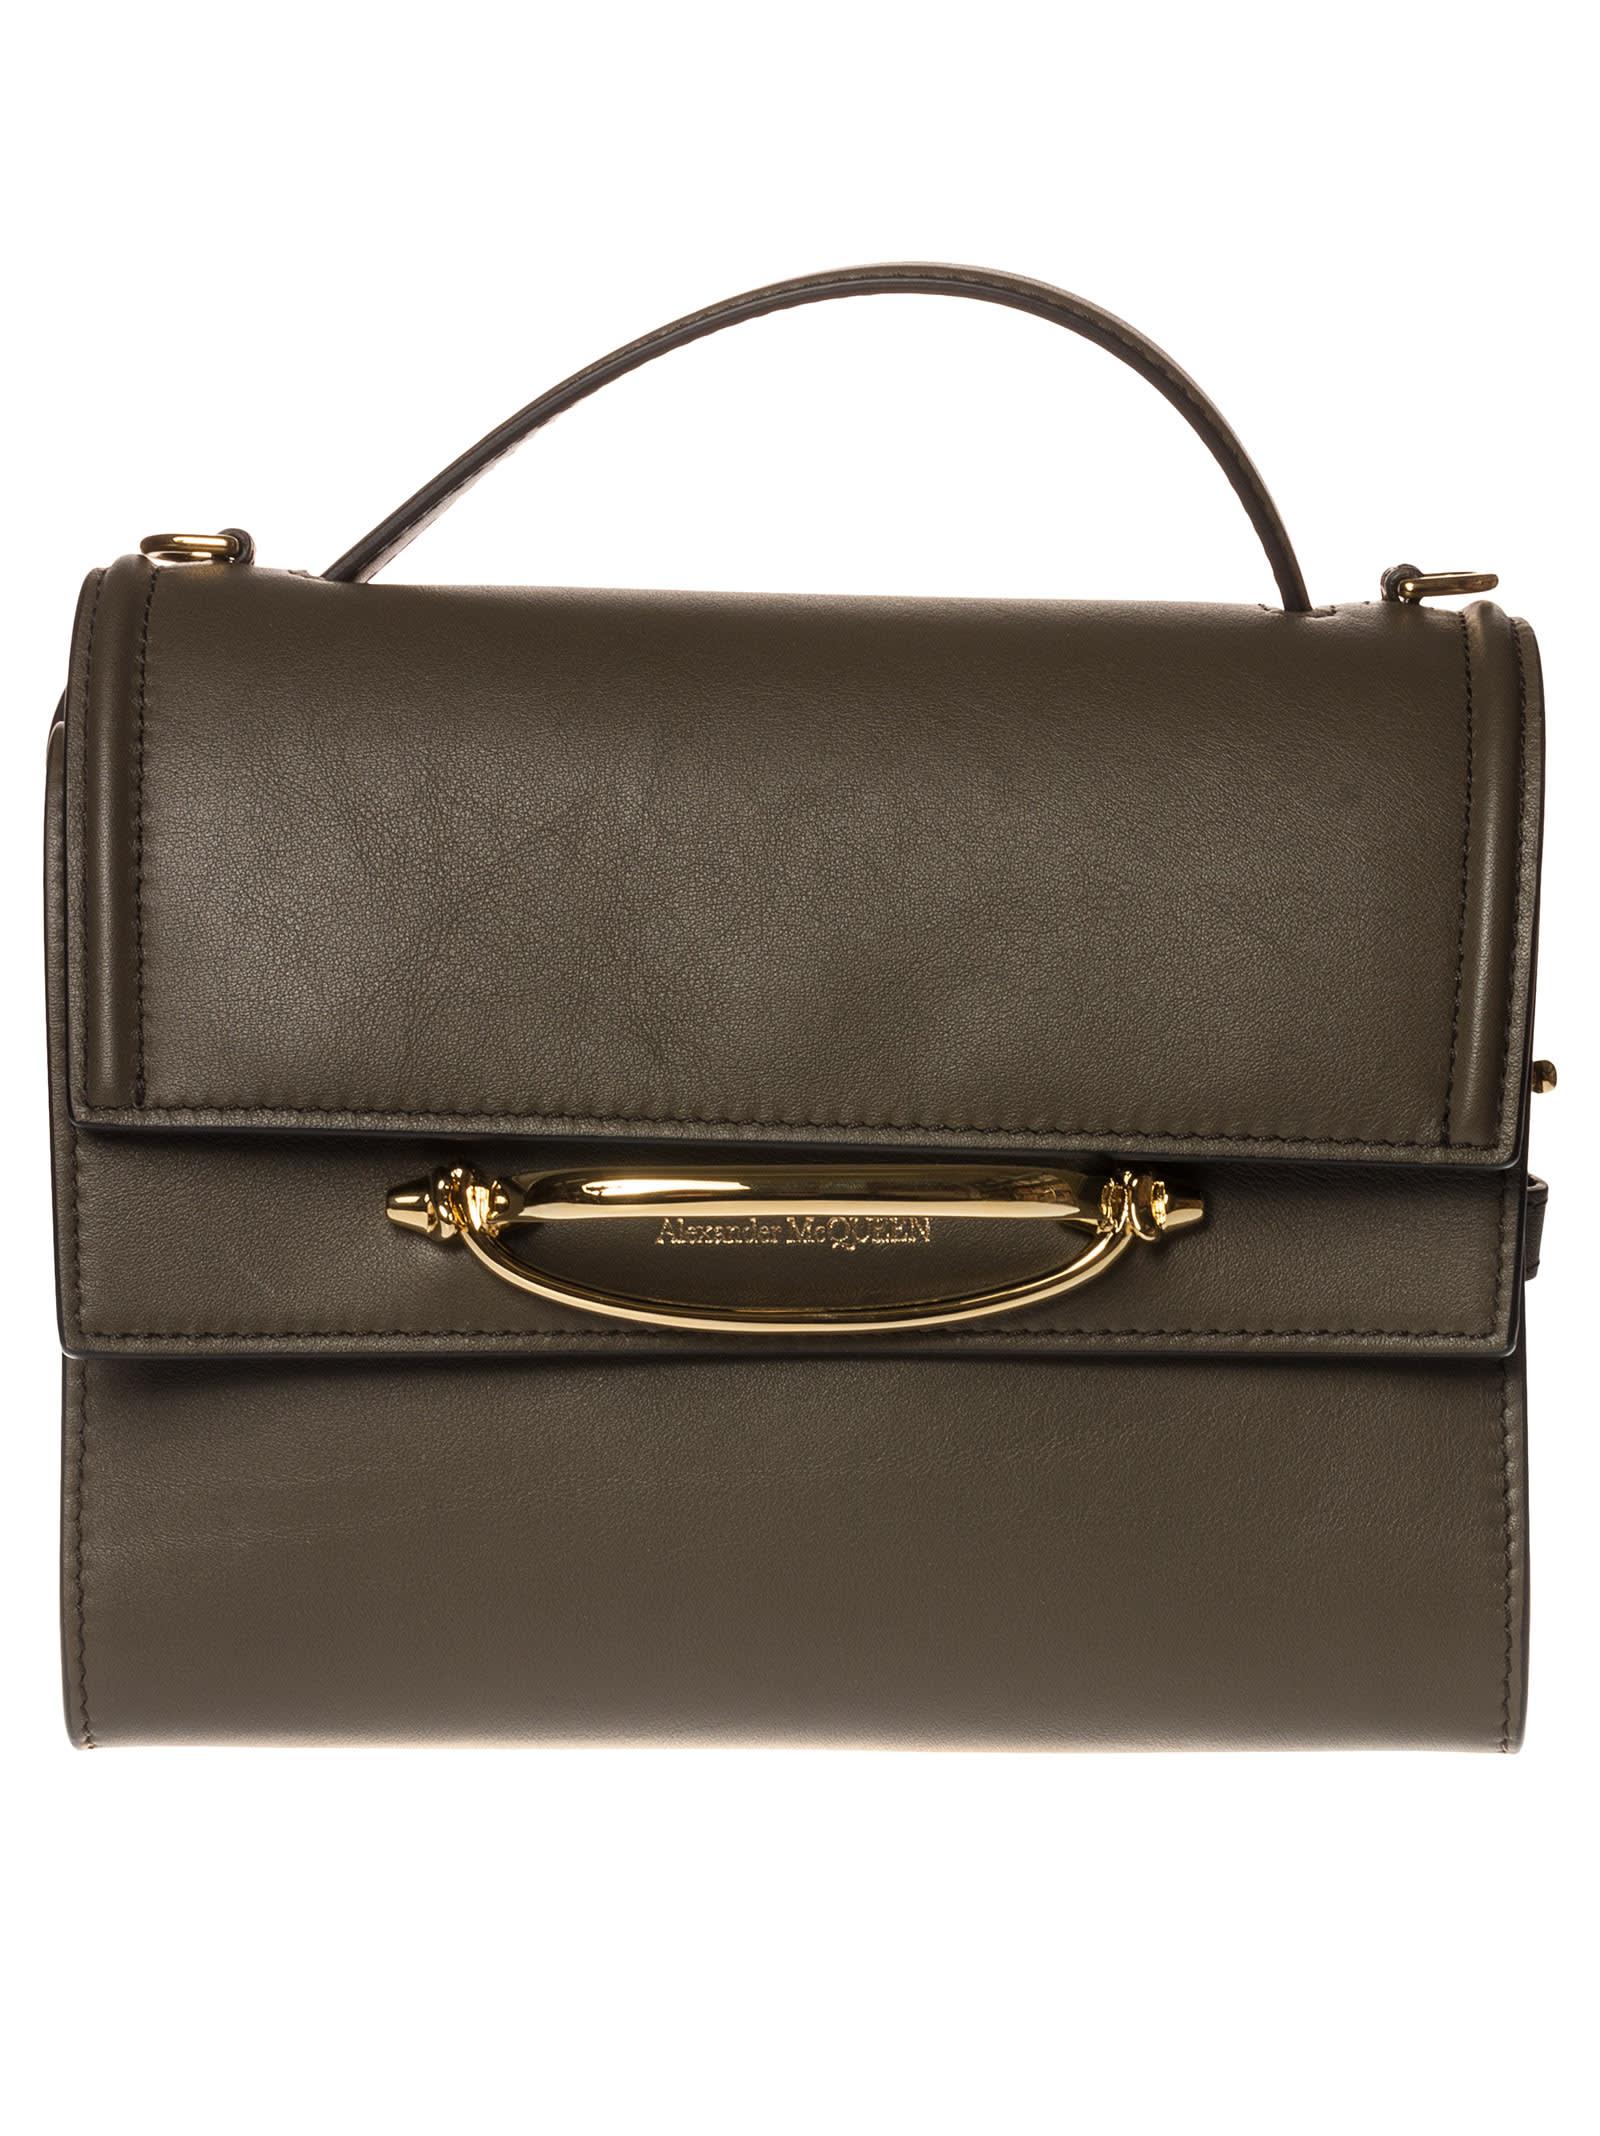 Alexander McQueen Classic Flap Shoulder Bag